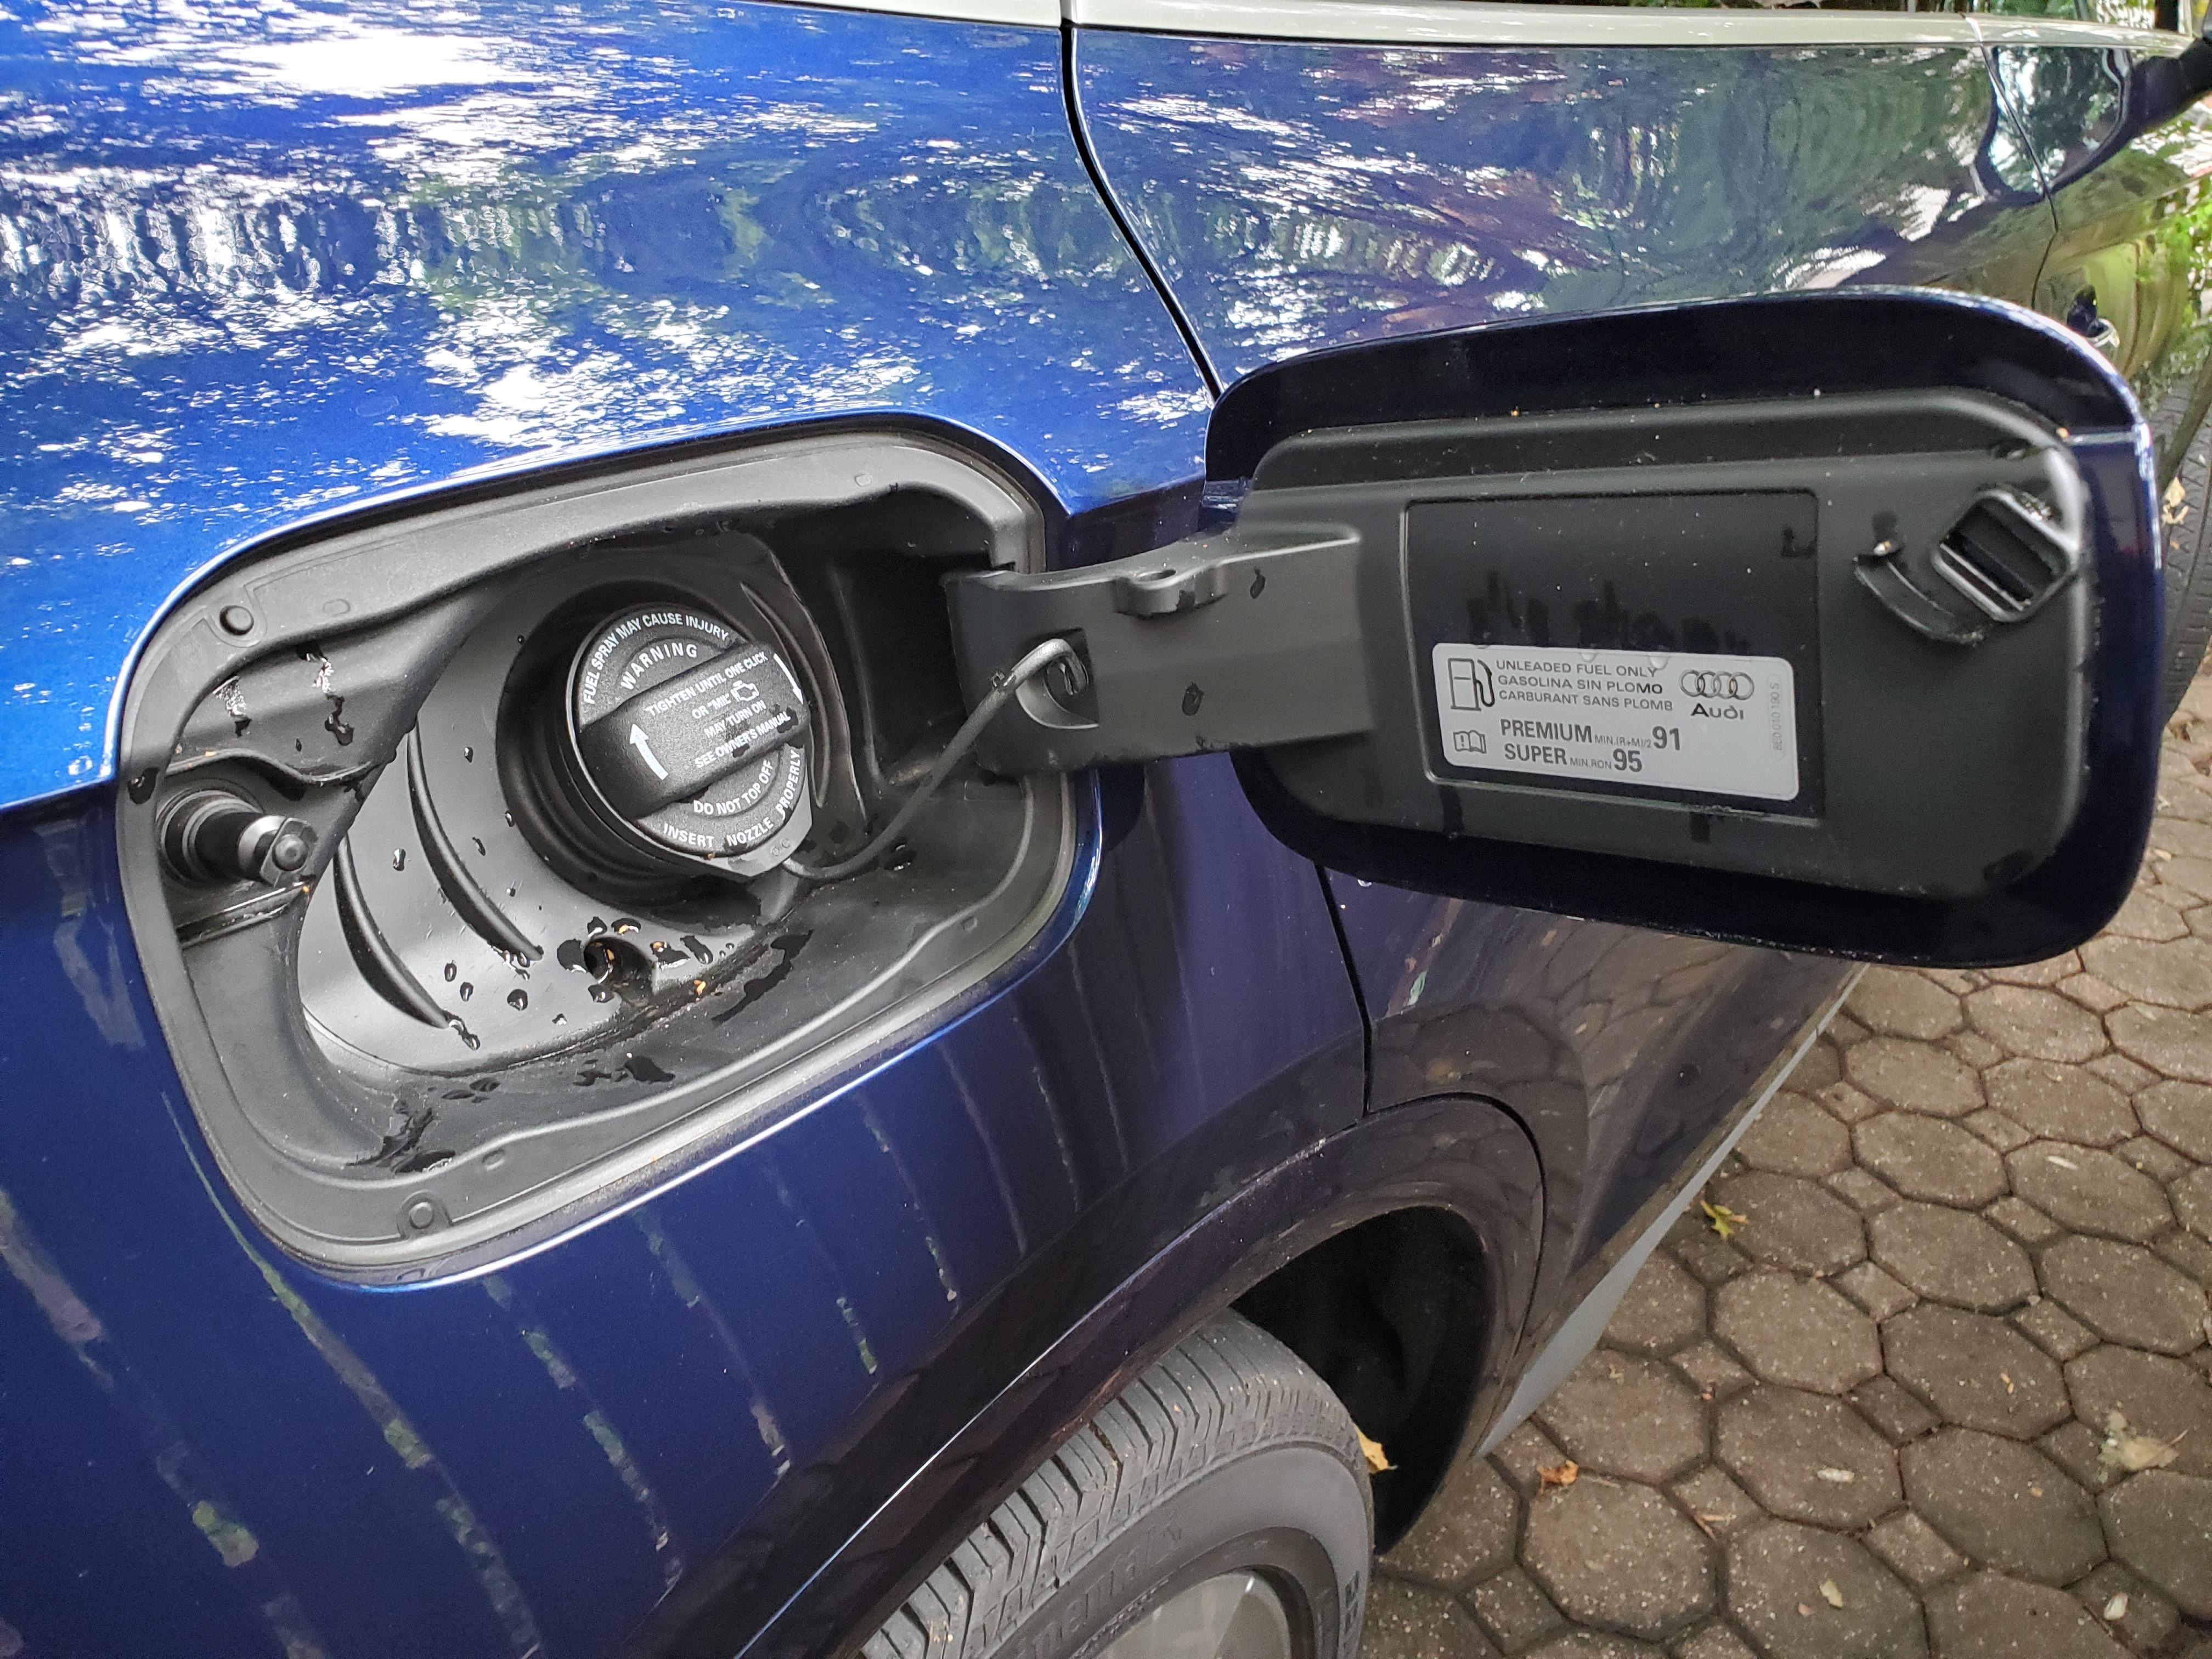 Audi Q5 Fuel door open